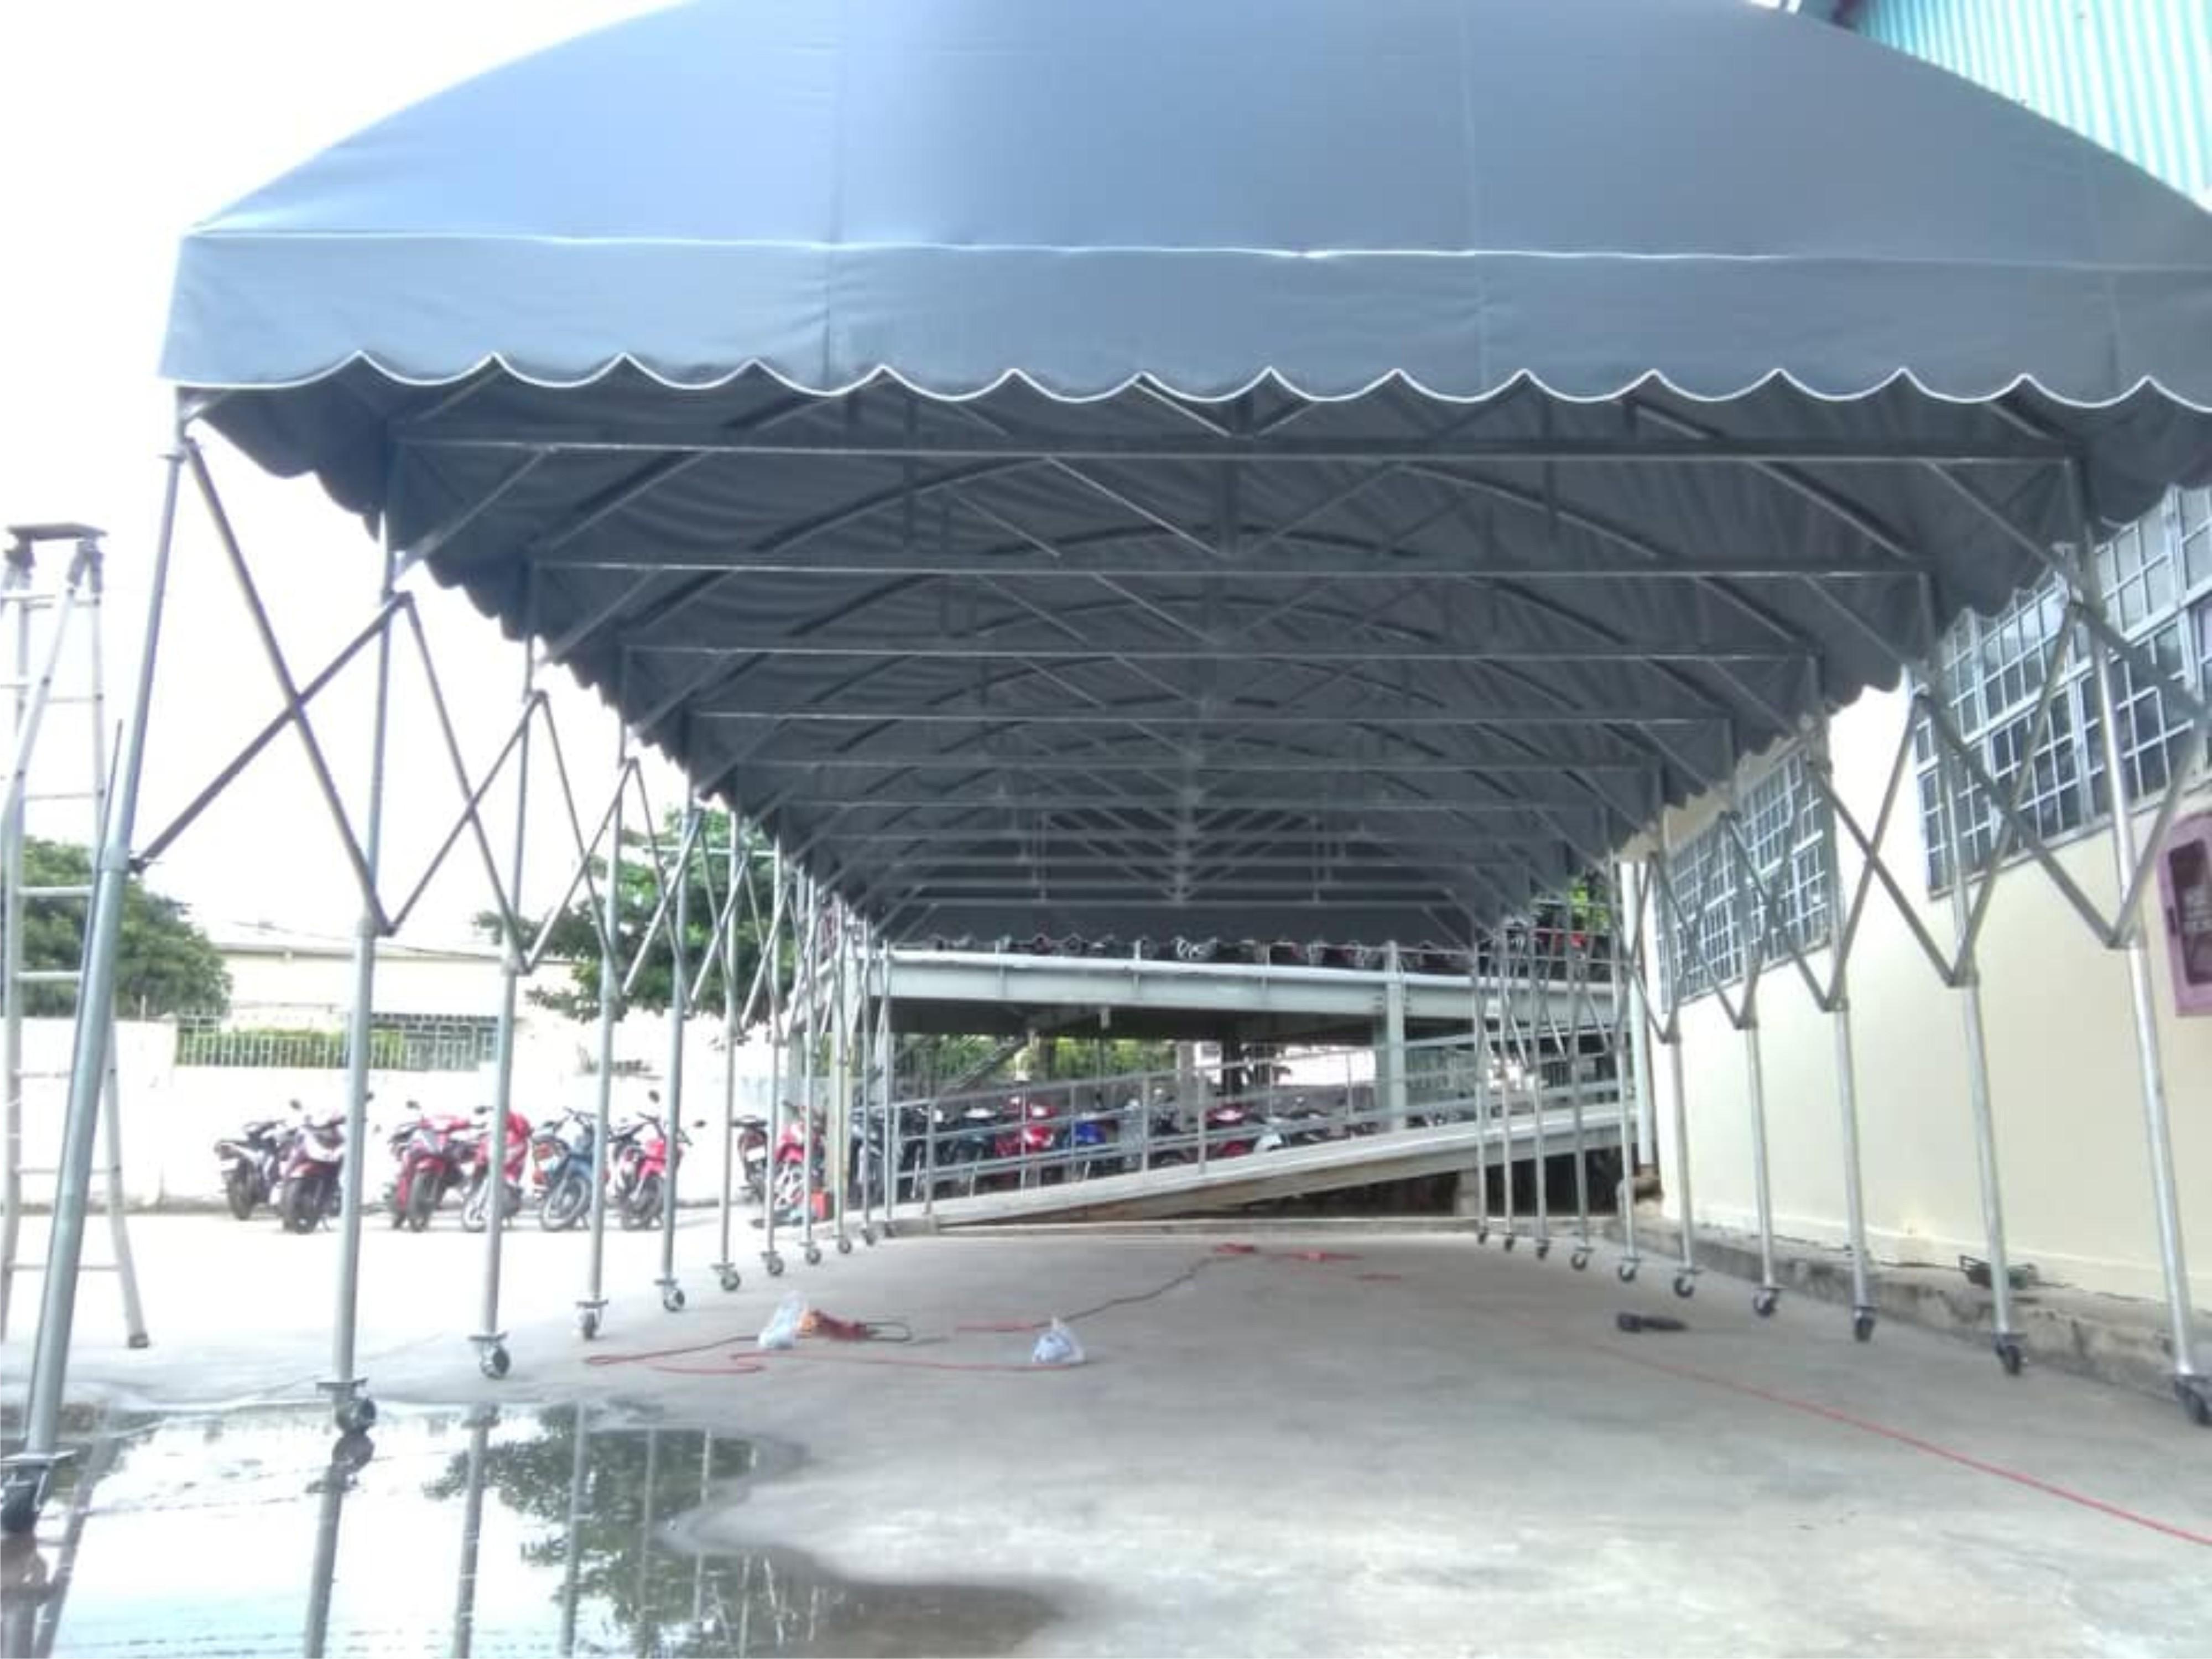 nhà vòm Dĩ An - mái vòm che nắng mưa giá rẻ bình dương